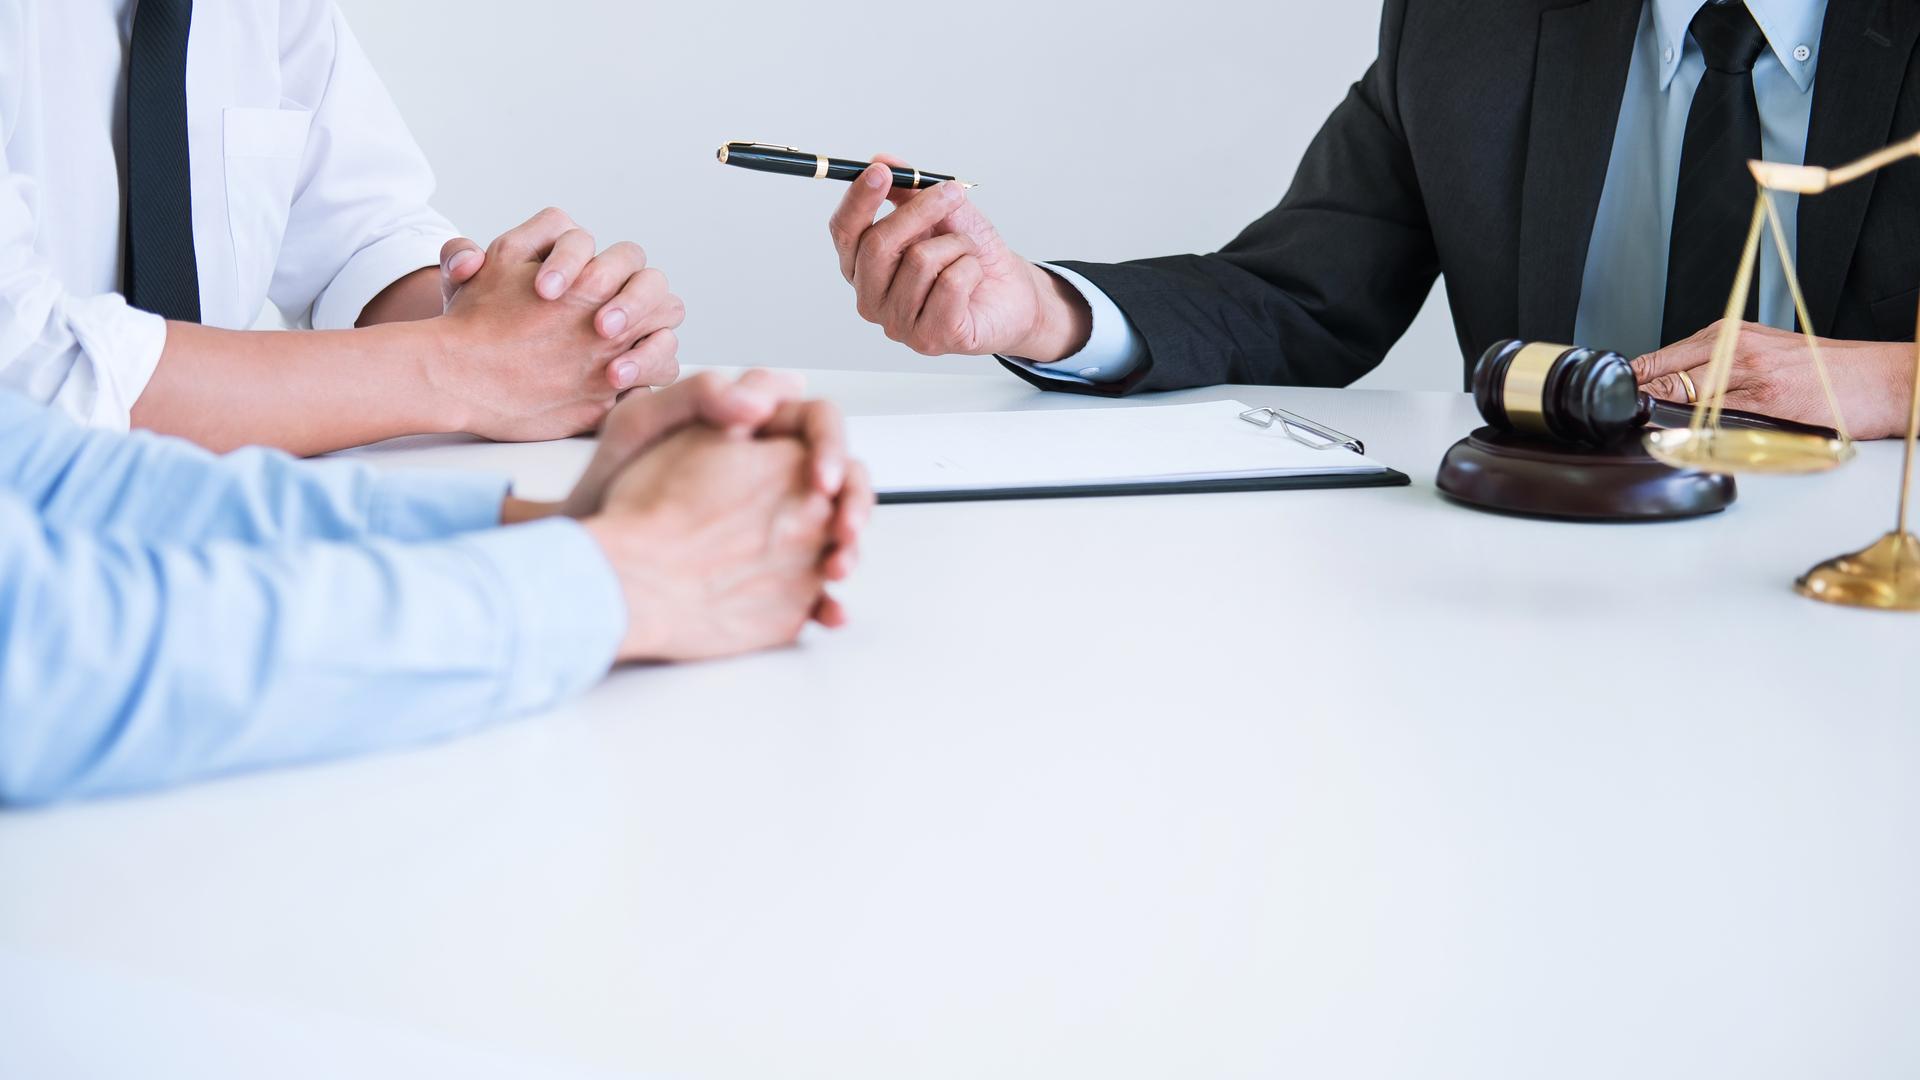 após assinatura do divórcio no cartório de notas, a escritura deve ser levada até o Cartório de Registro Civil para alterar o estado civil das partes